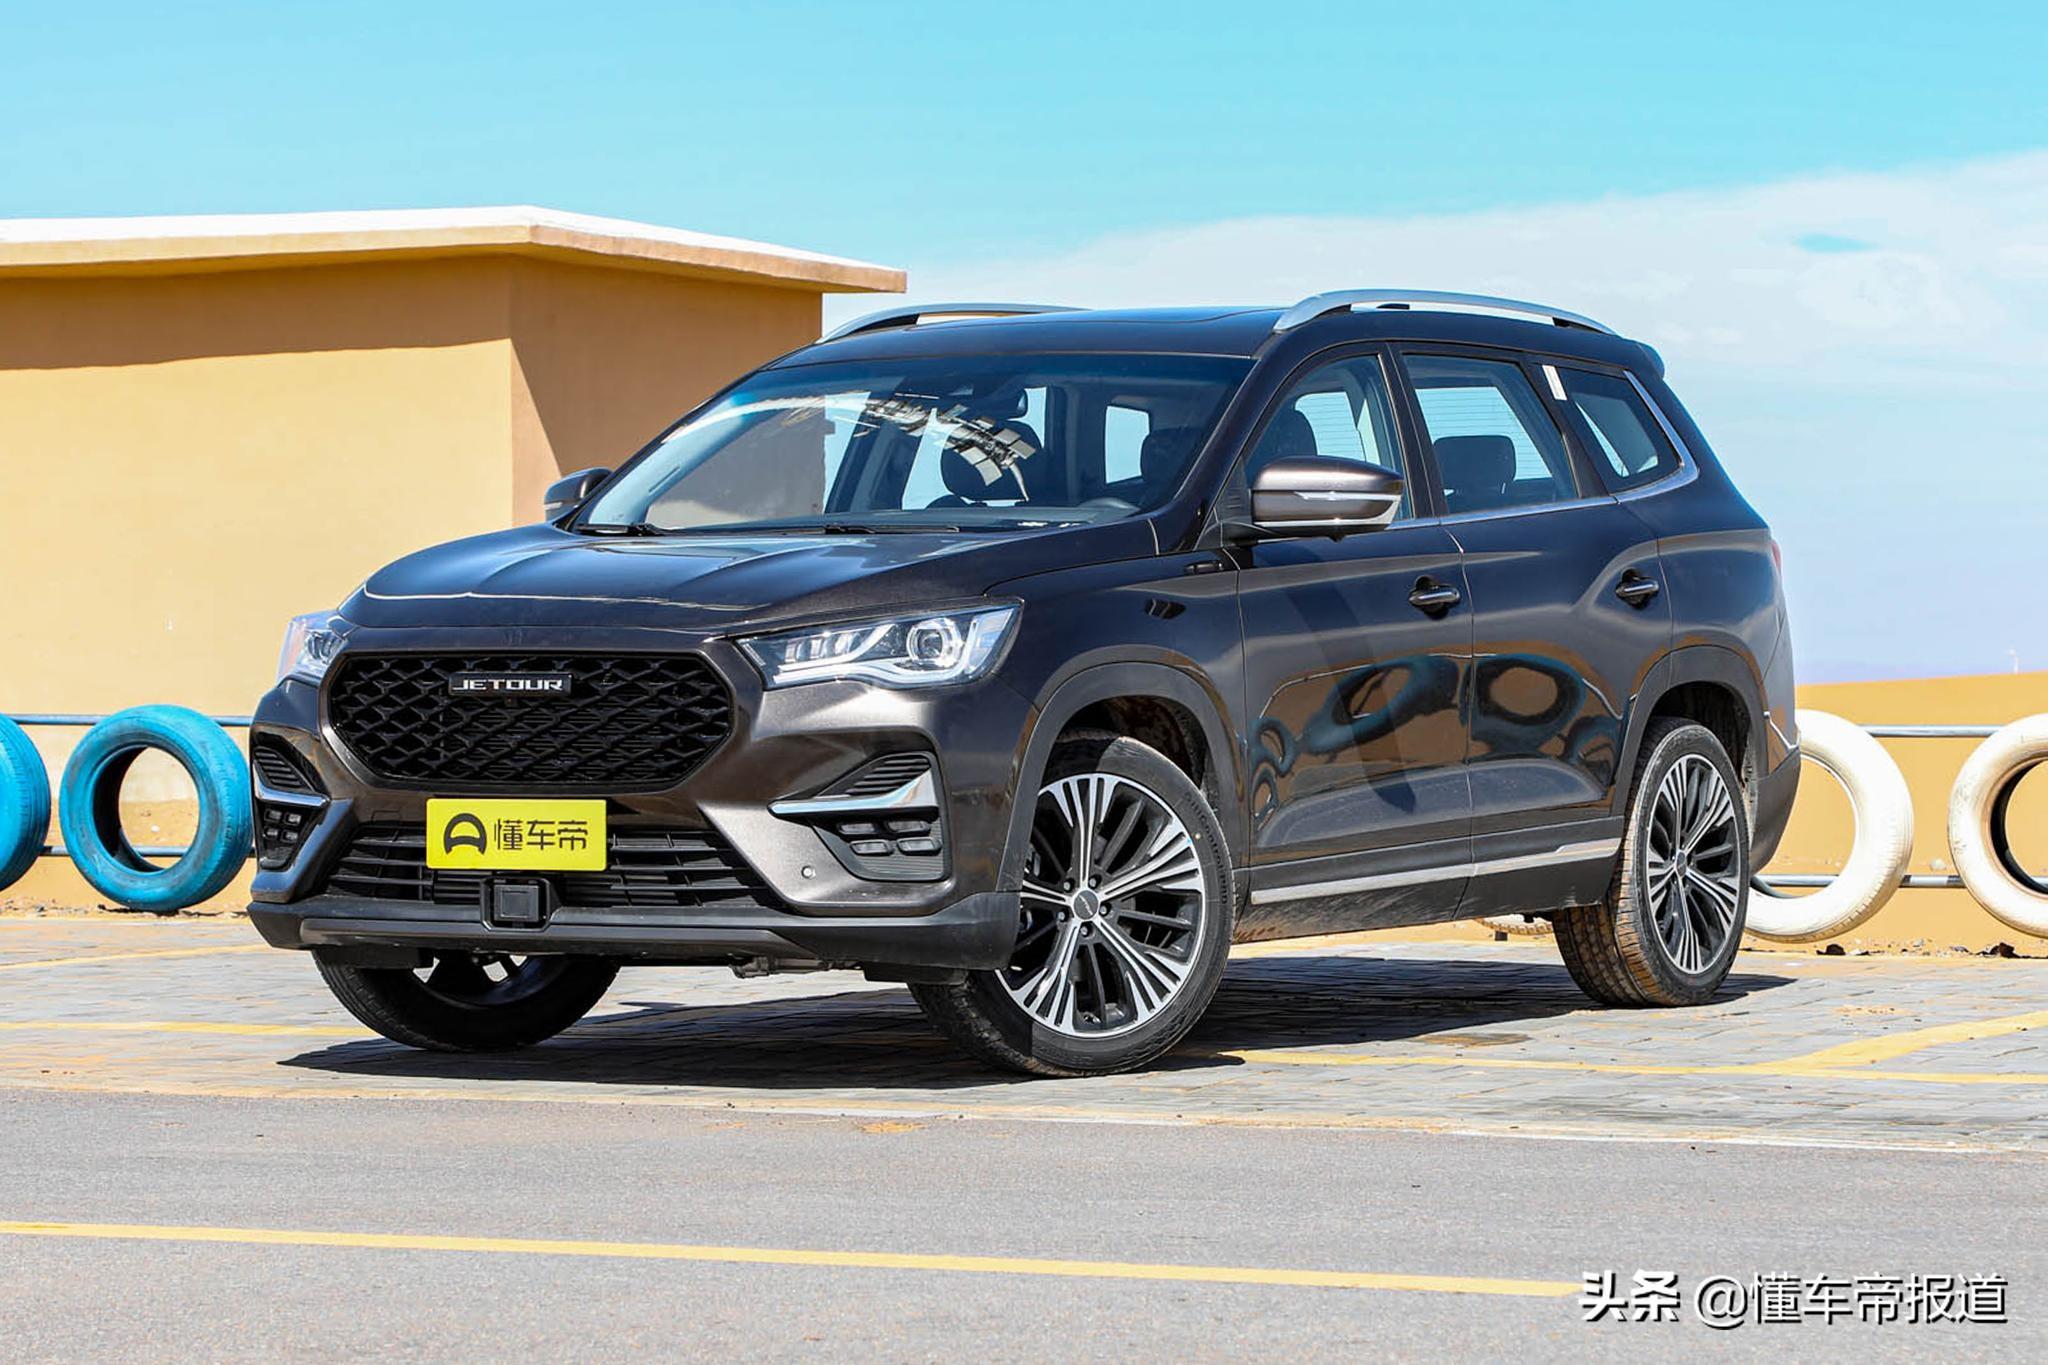 新车 | 预售8.99万元起 新款捷途X90预售价格公布